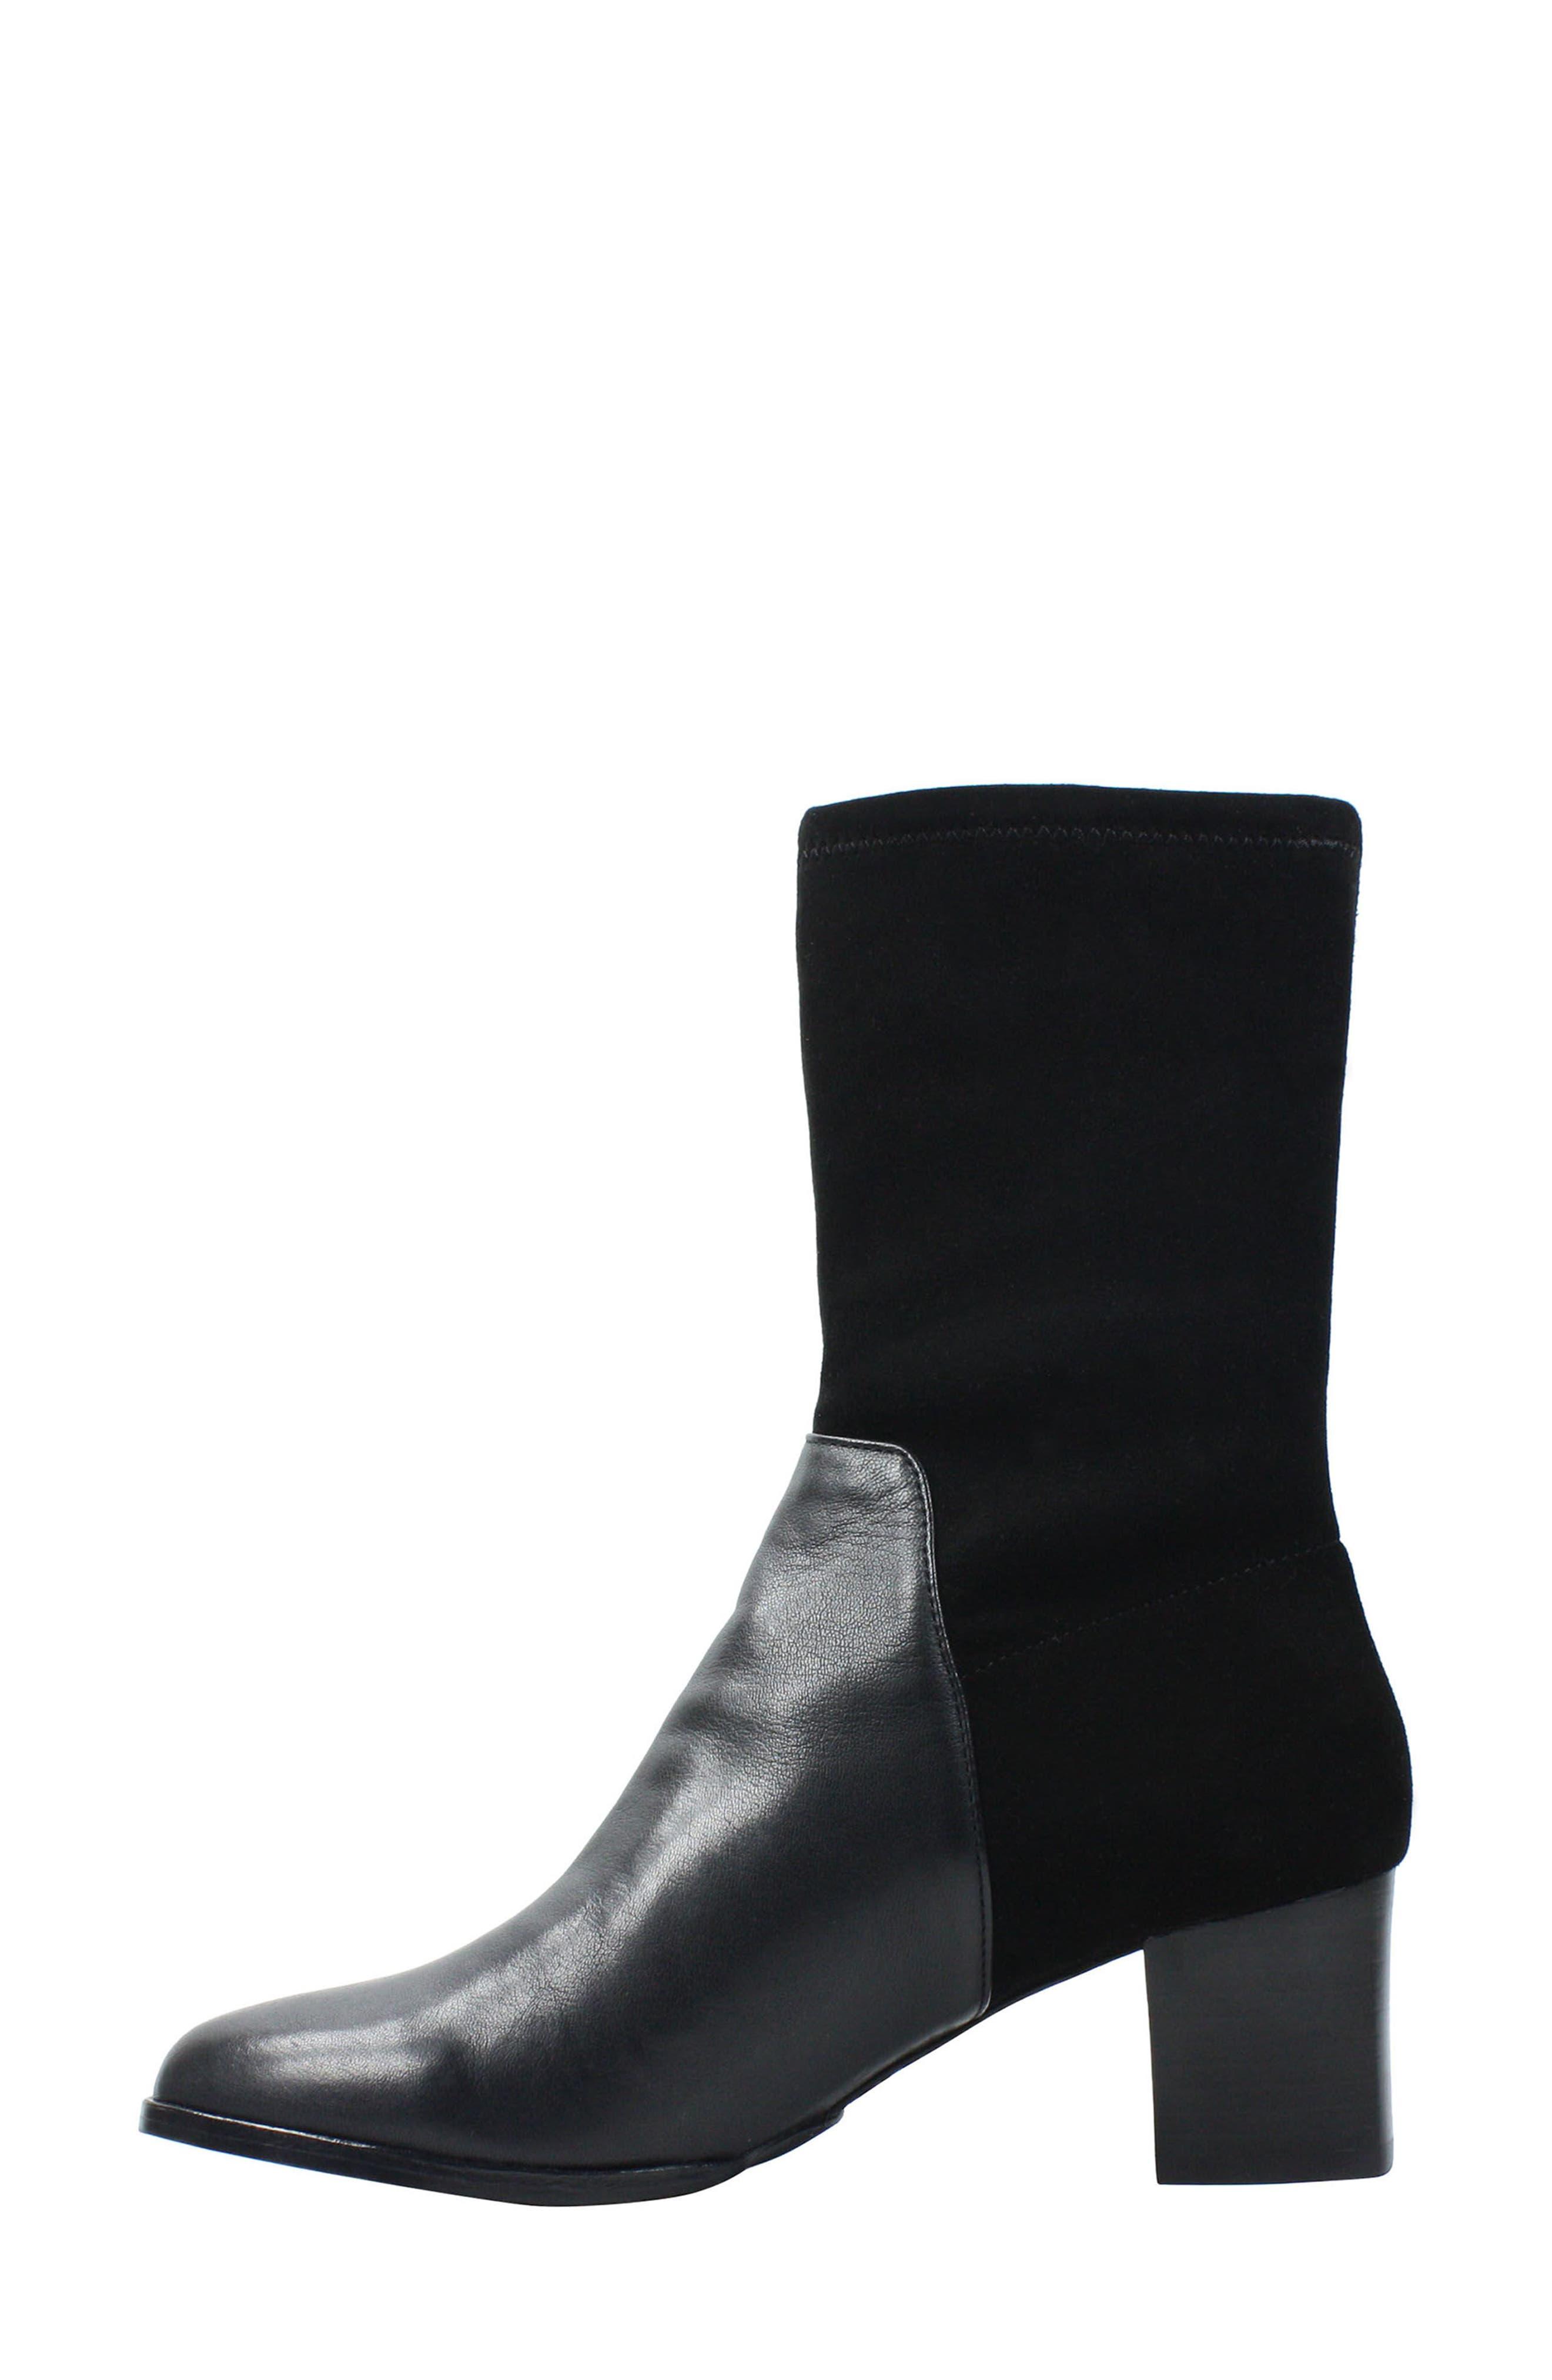 Pasublo Bootie,                             Alternate thumbnail 2, color,                             Black Leather